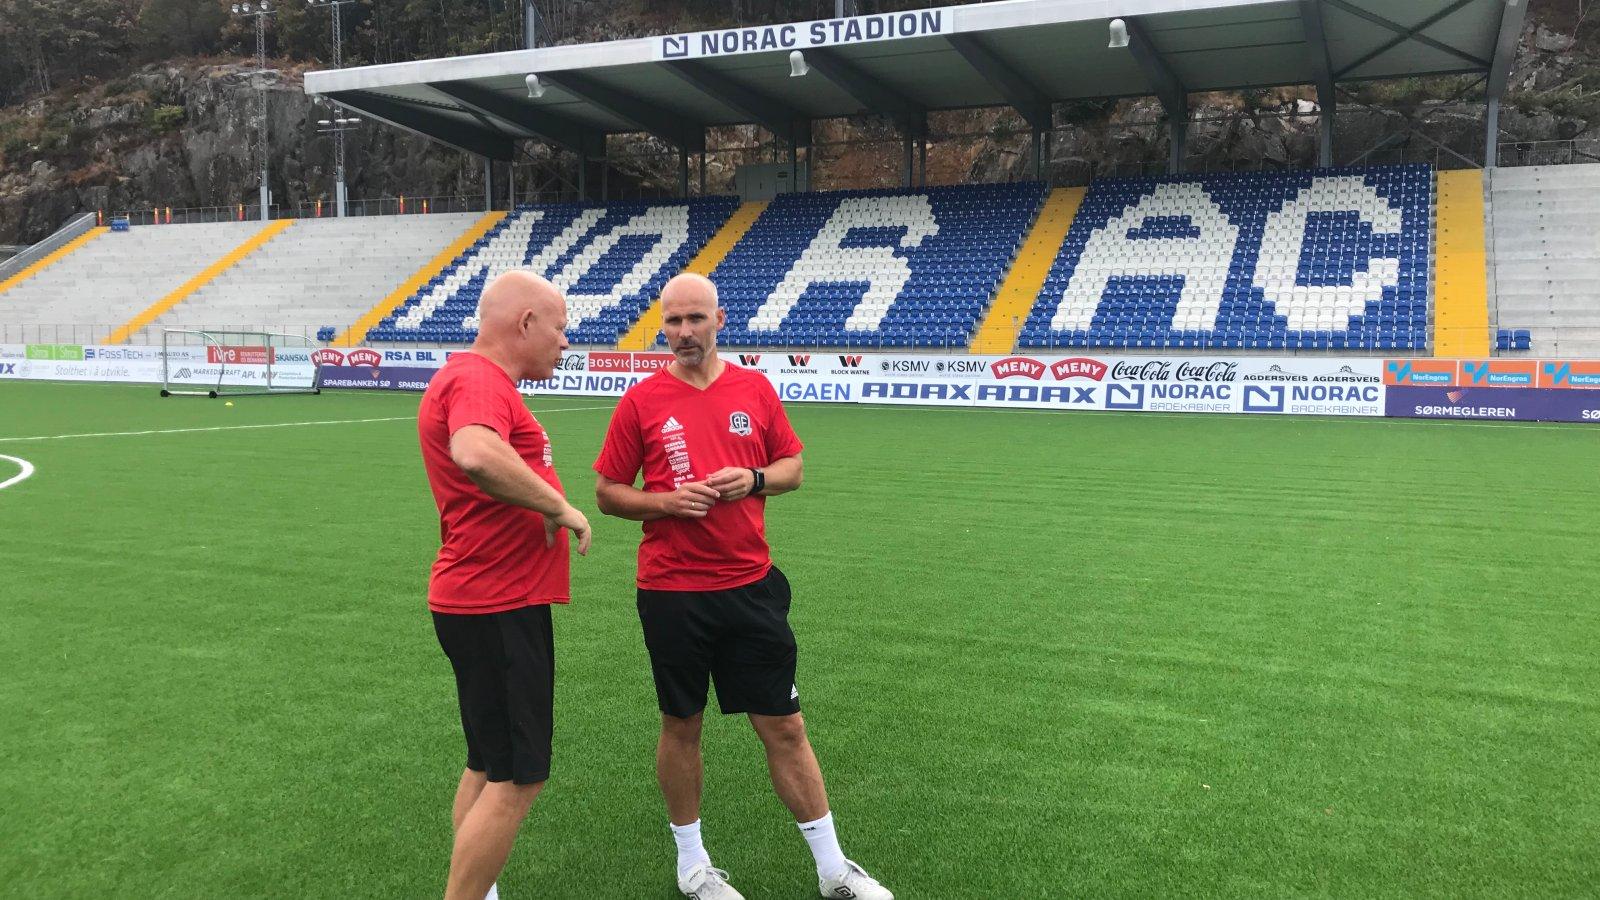 Frank Bredal og Steinar Pedersen utveksler erfaringer og synspunkter etter første treningsøkt sammen på Norac stadion.